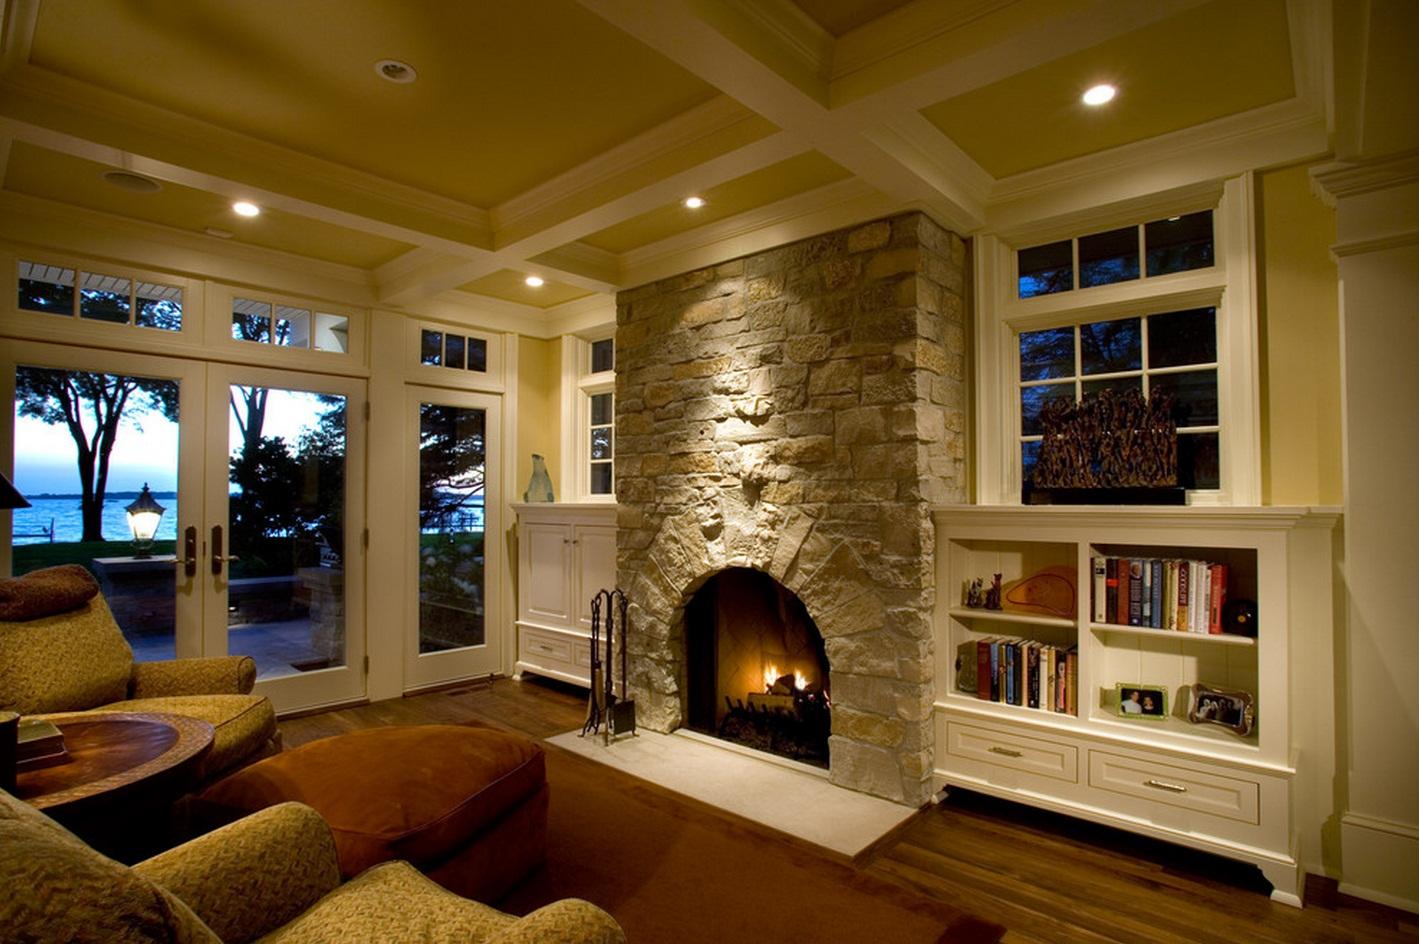 дизайн гостиной с камином в частном доме 67 фото интерьер